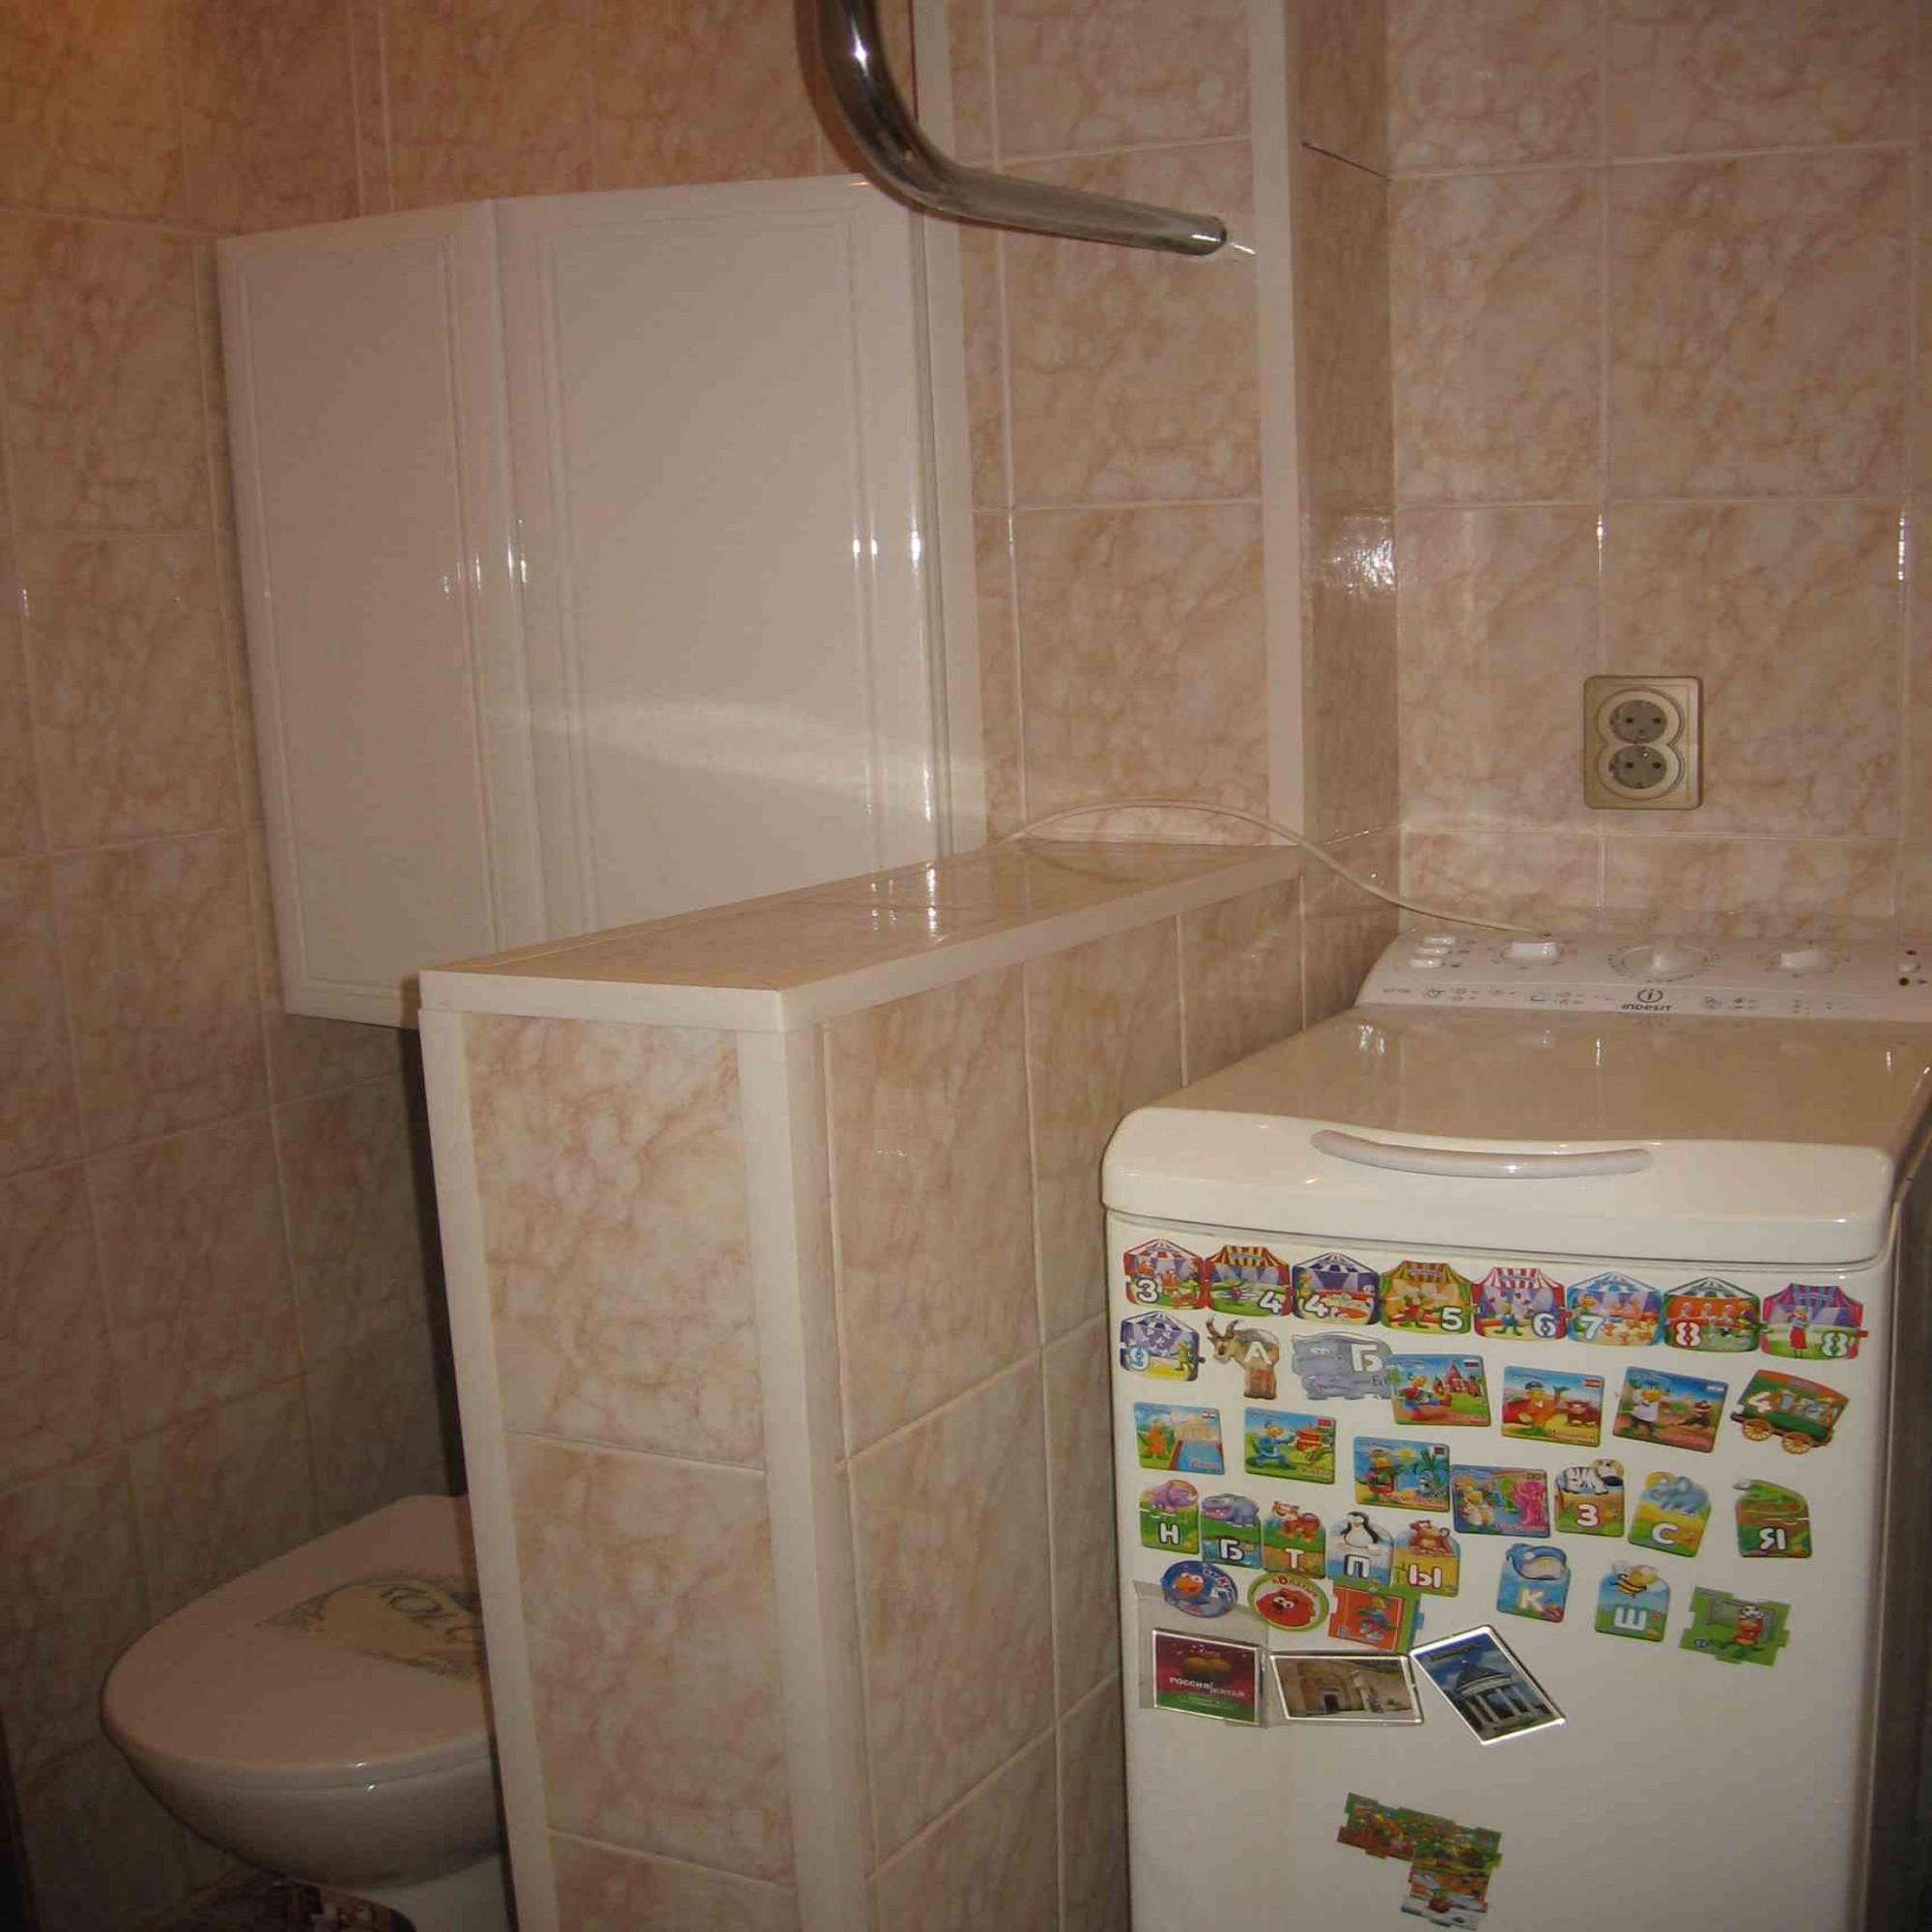 Установка гипсовой перегородки между ванной и кухней - Утро 57